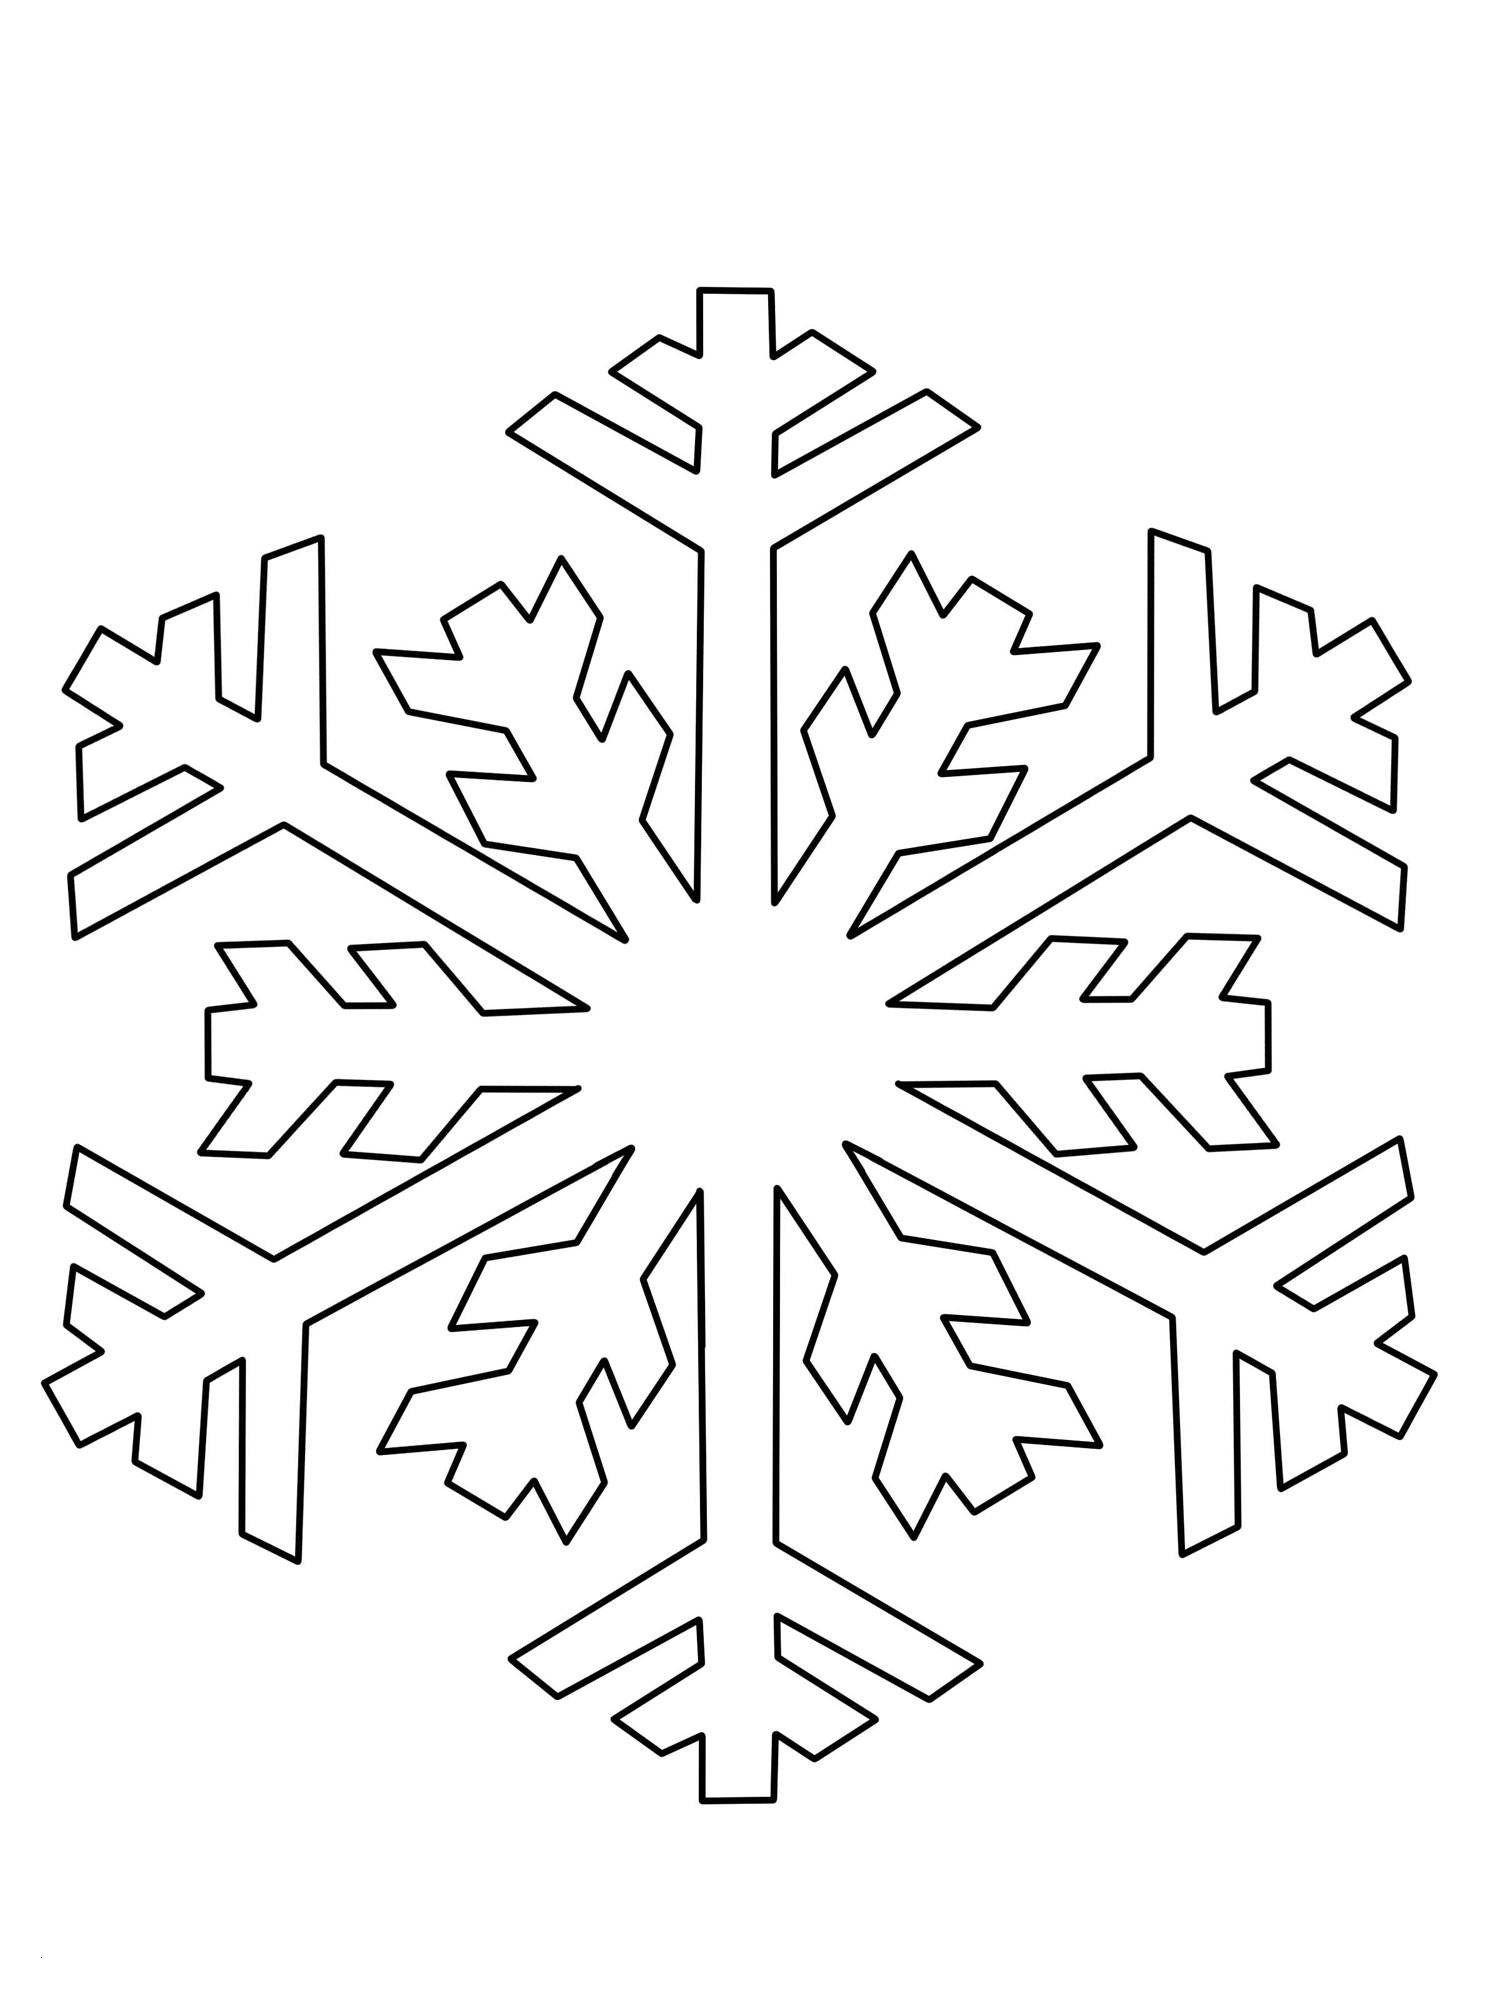 Geschenkanhänger Weihnachten Ausdrucken Kostenlos innen Schneeflocken Vorlagen Zum Ausschneiden